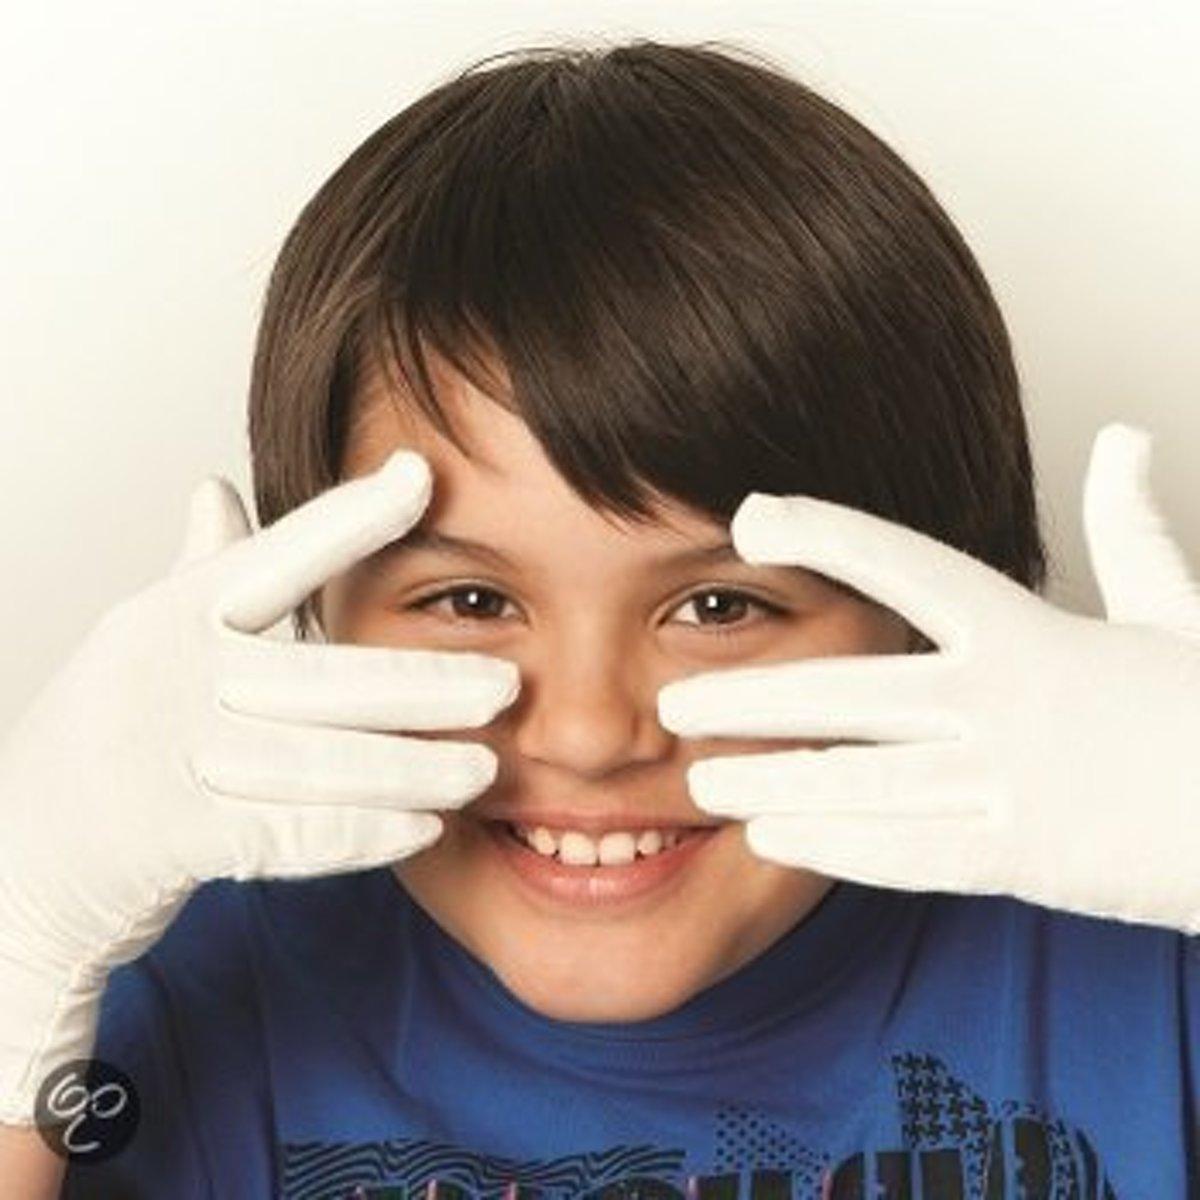 Bamboe handschoenen anti-eczeem maat L kopen